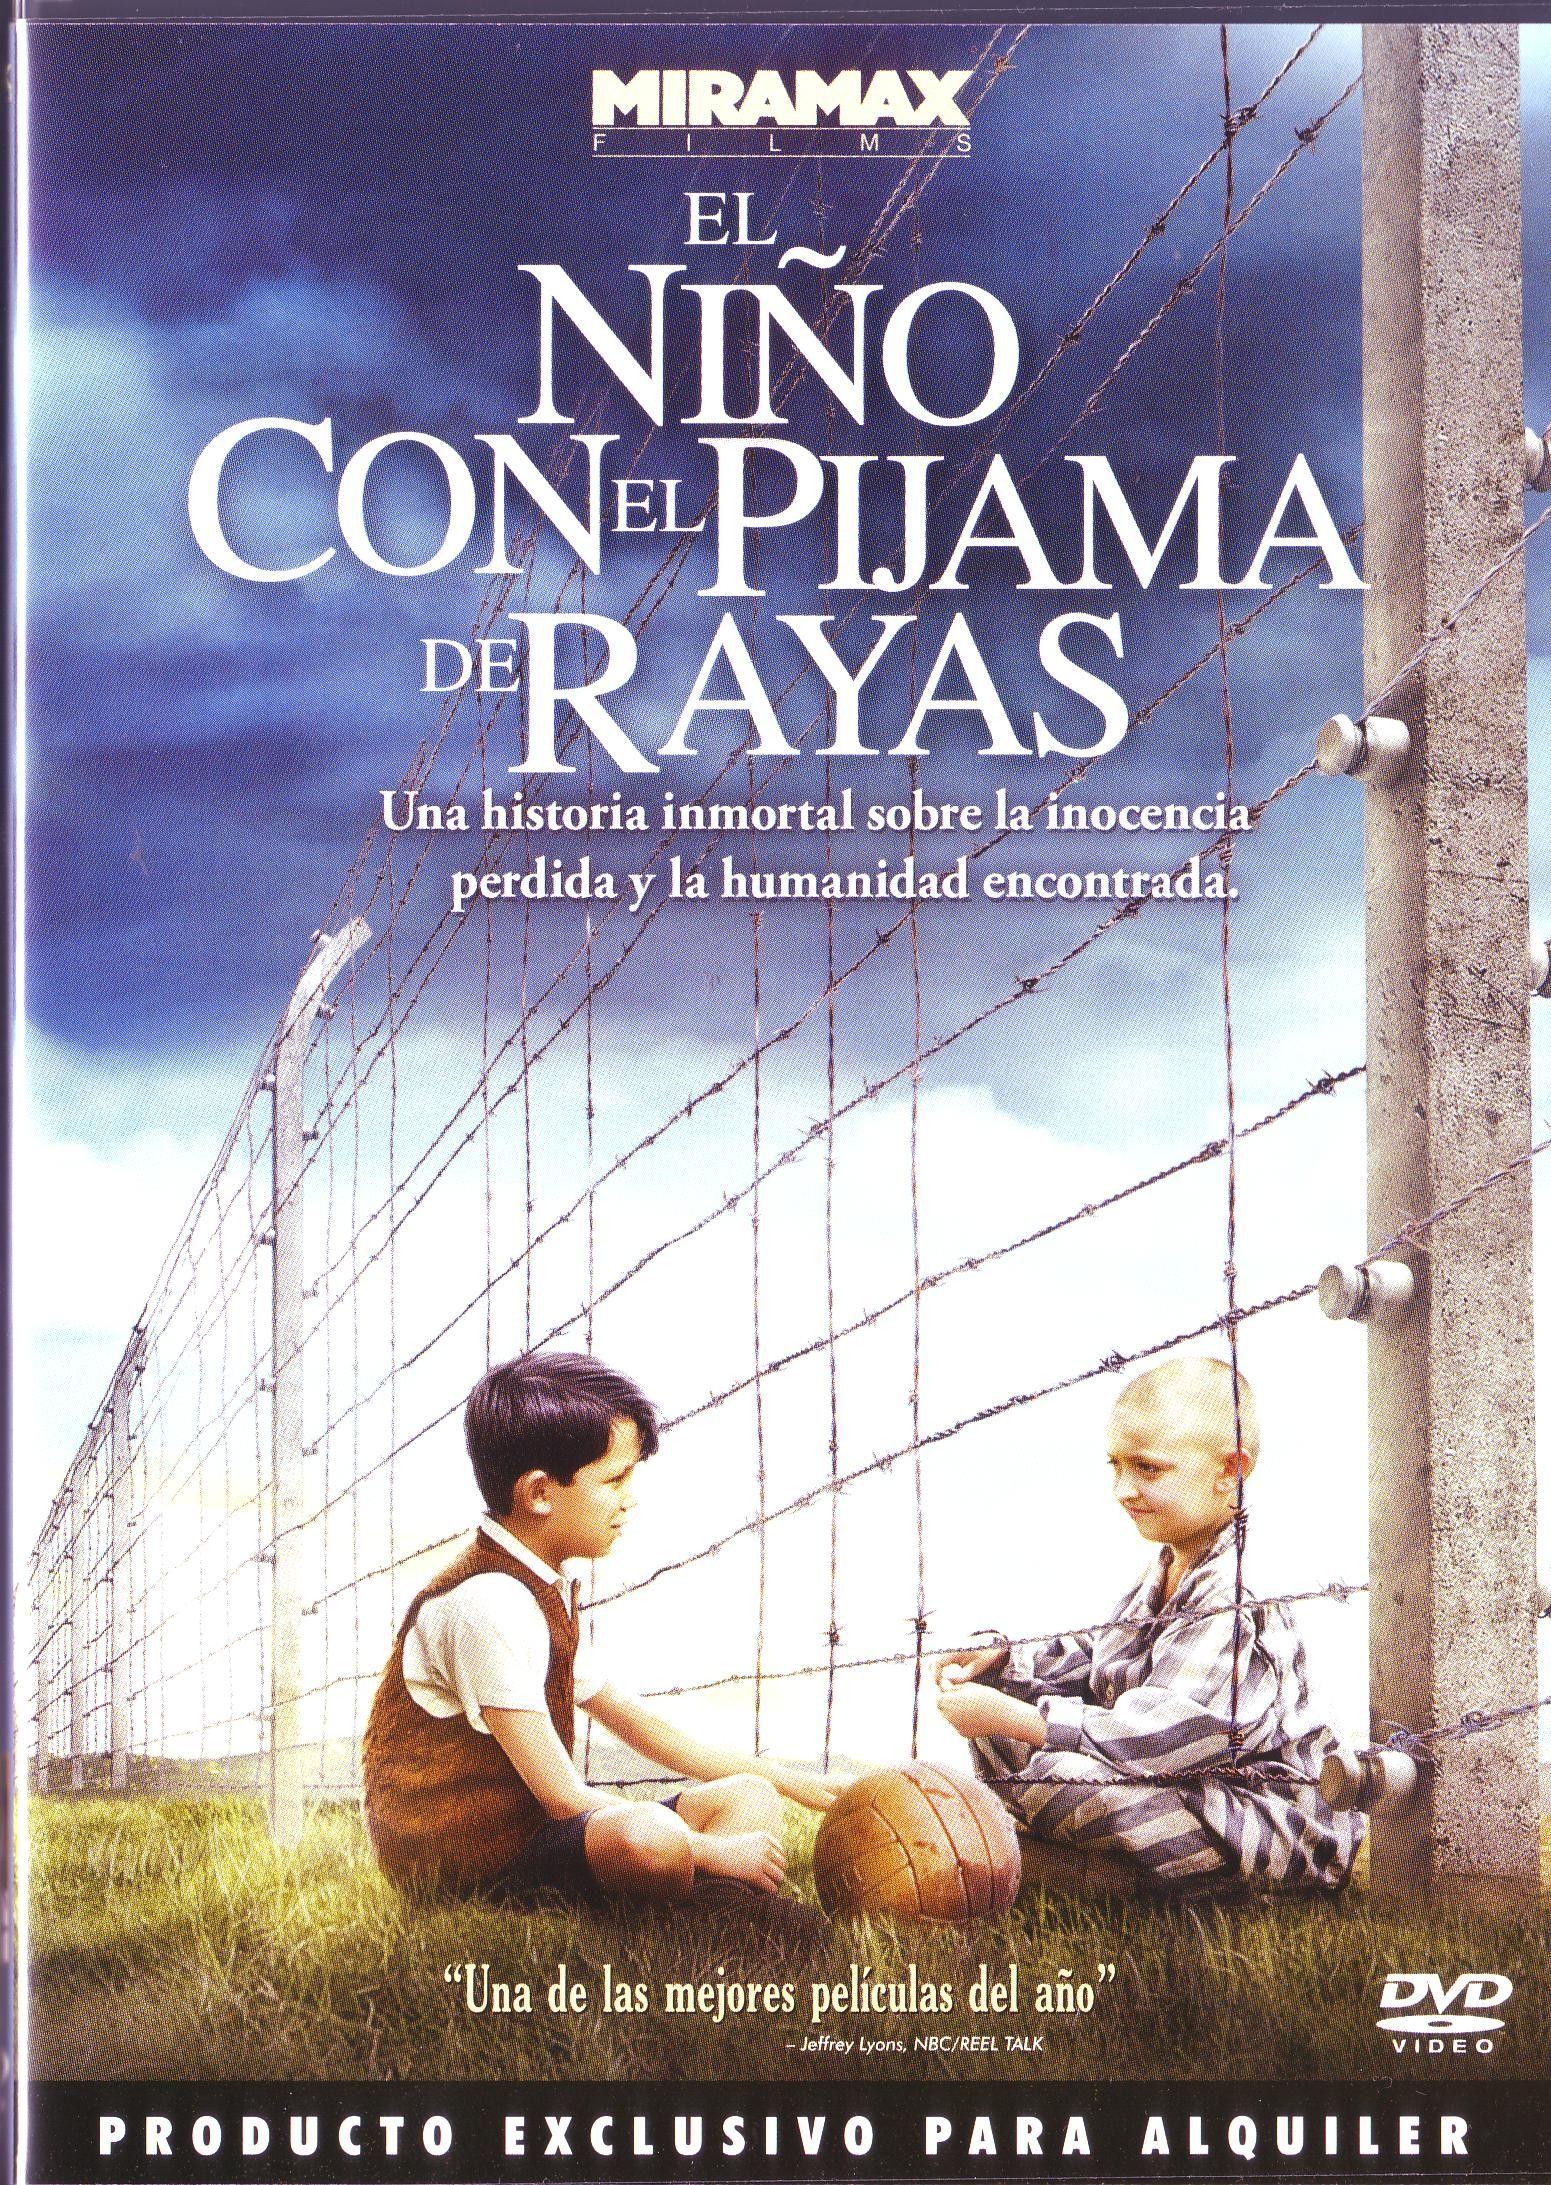 El niño del pijama de rayas | Libros de Cine | Pinterest